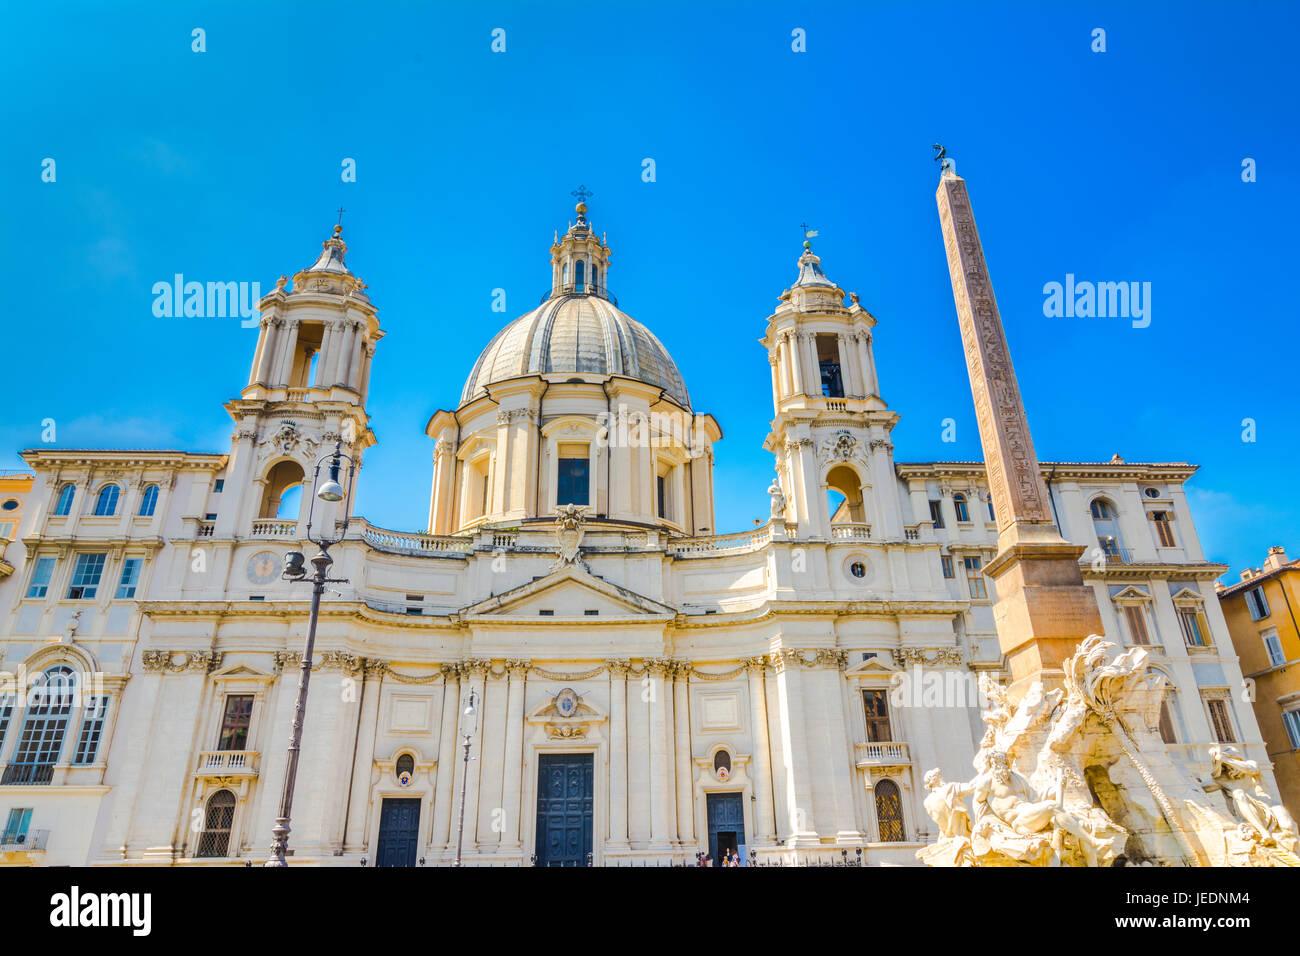 Iglesia de Sant Agnese en Agone y fuente de los cuatro ríos con el obelisco egipcio en la Piazza Navona en Imagen De Stock